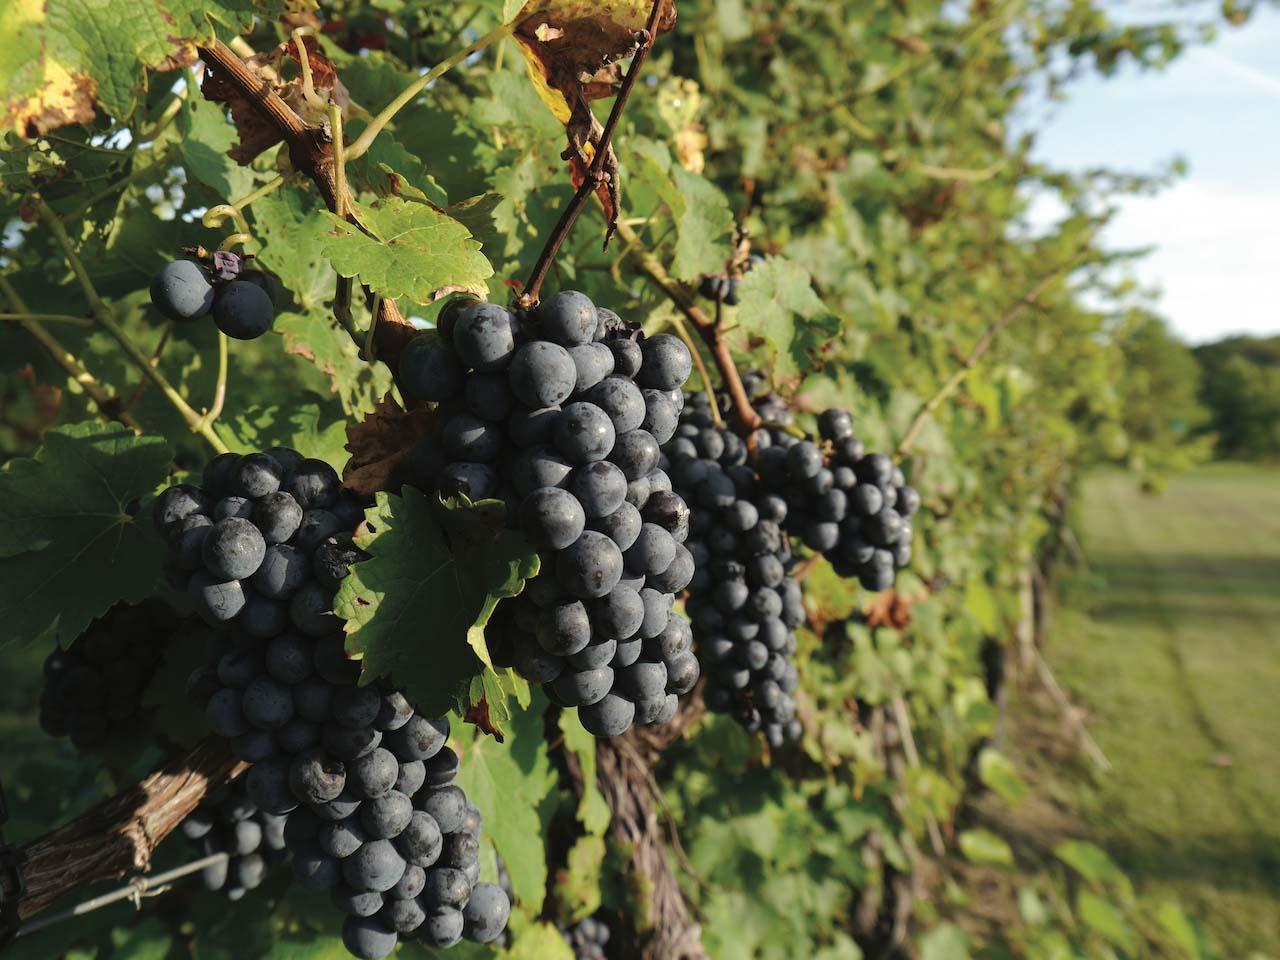 Virginia Cab Franc grapes at Fabbioli Cellars